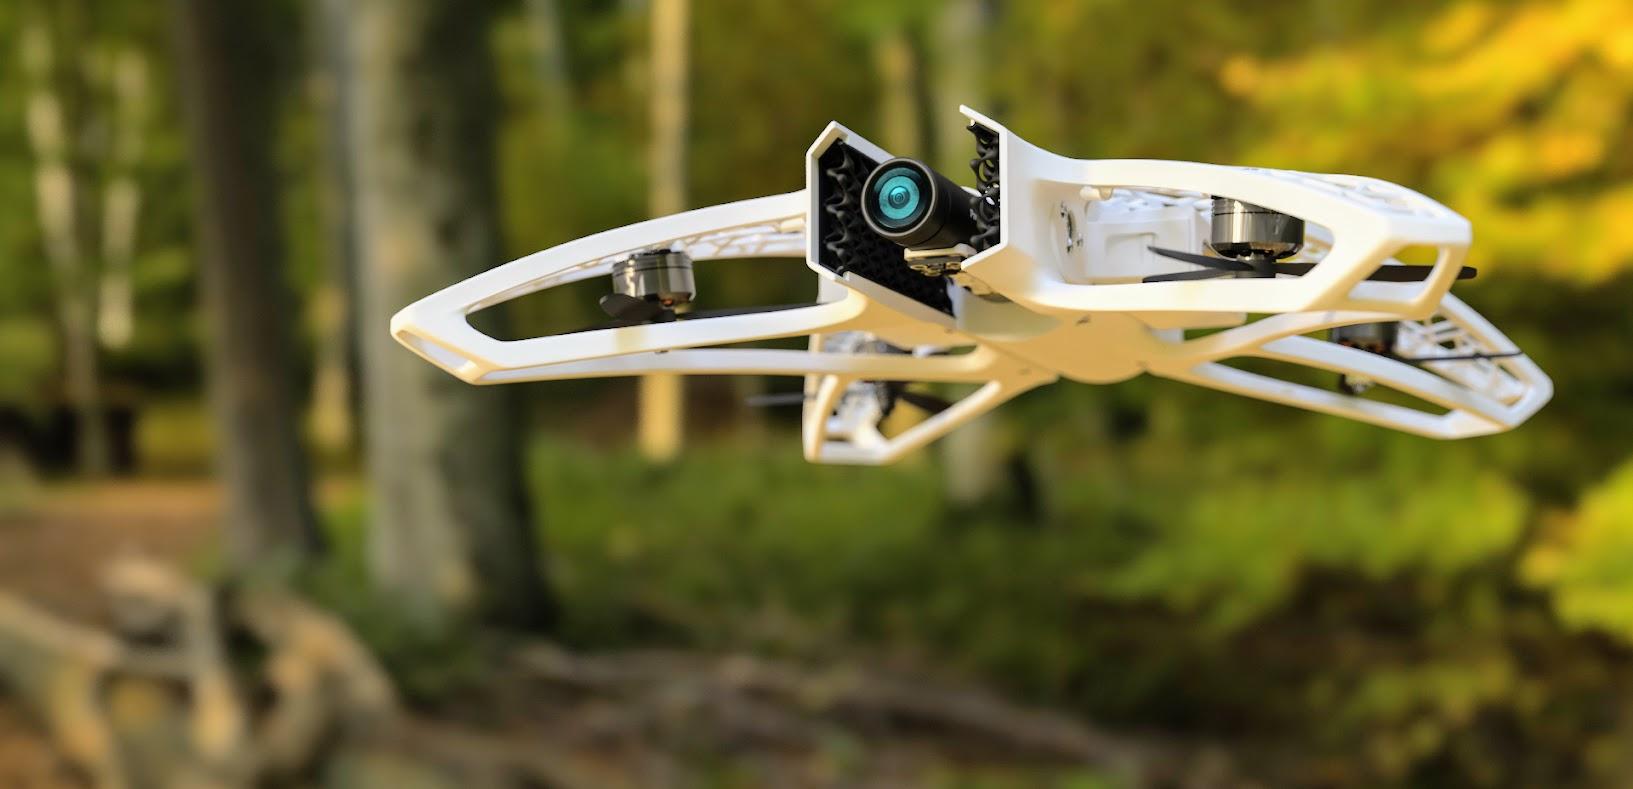 Реагирование на катастрофы с 3D-печатными беспилотными летательными аппаратами